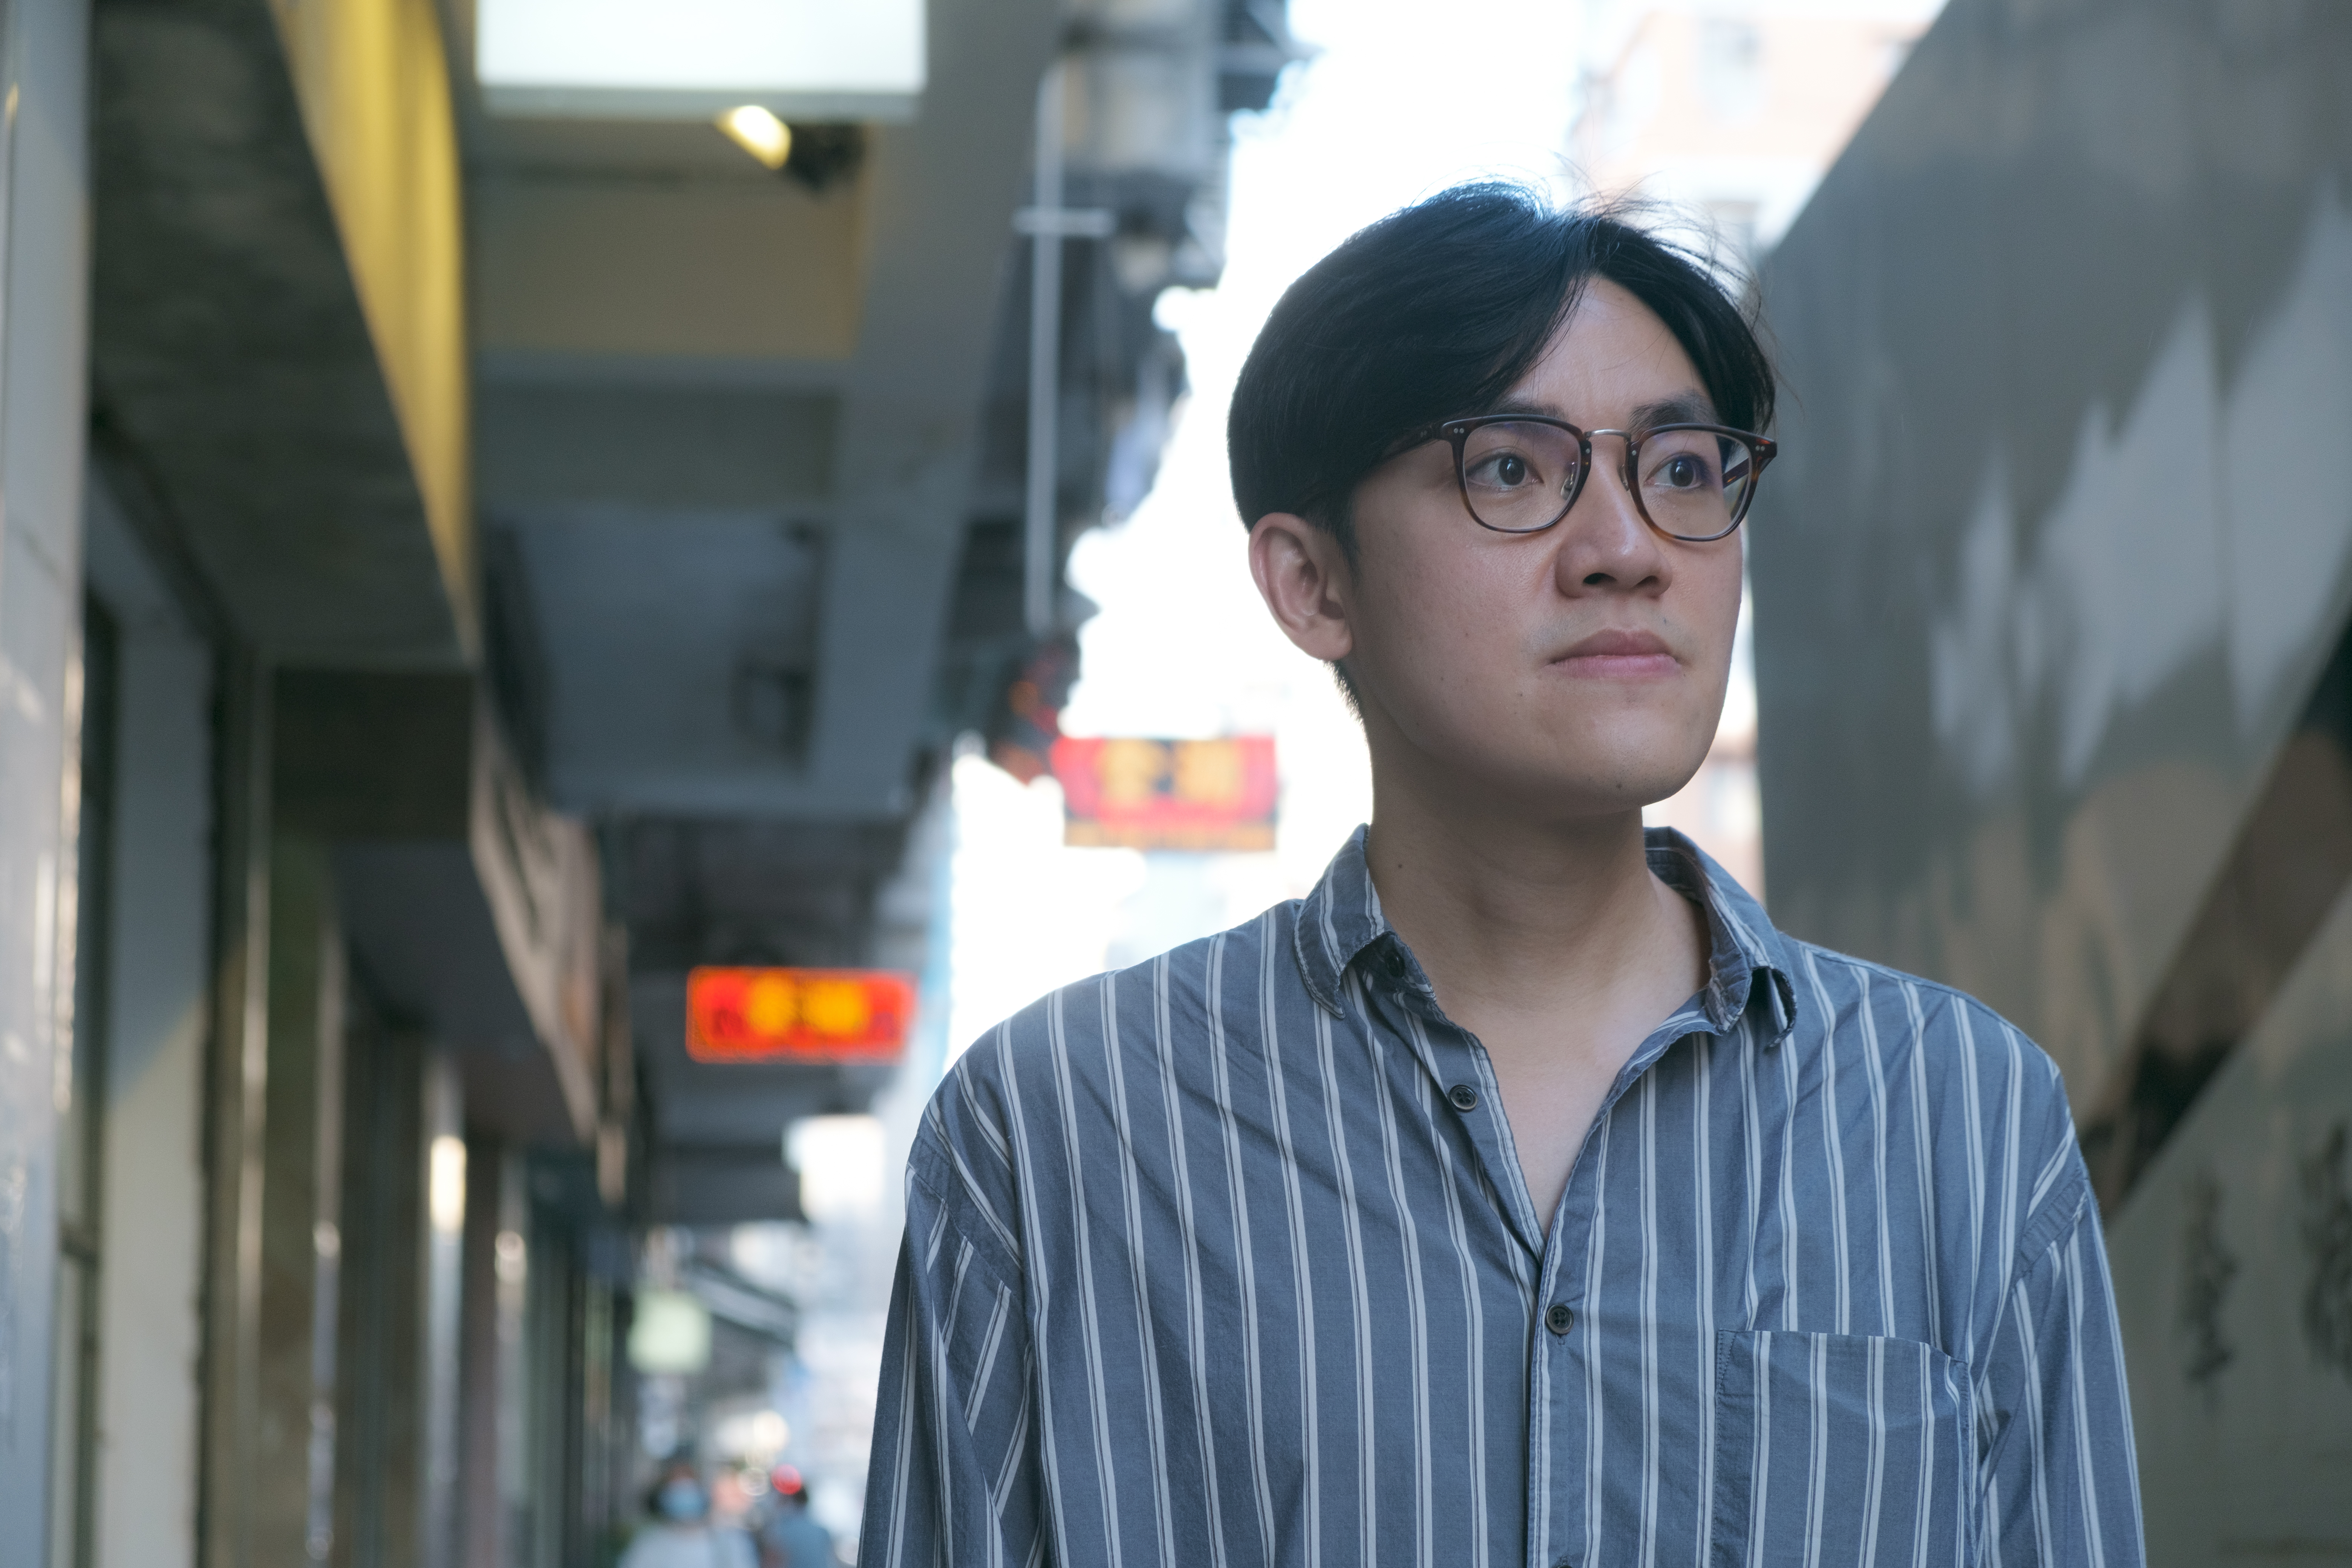 以往Don畫了不少關於香港街景的作品,而他希望藉今次的展覽探討講述歸屬感和家。